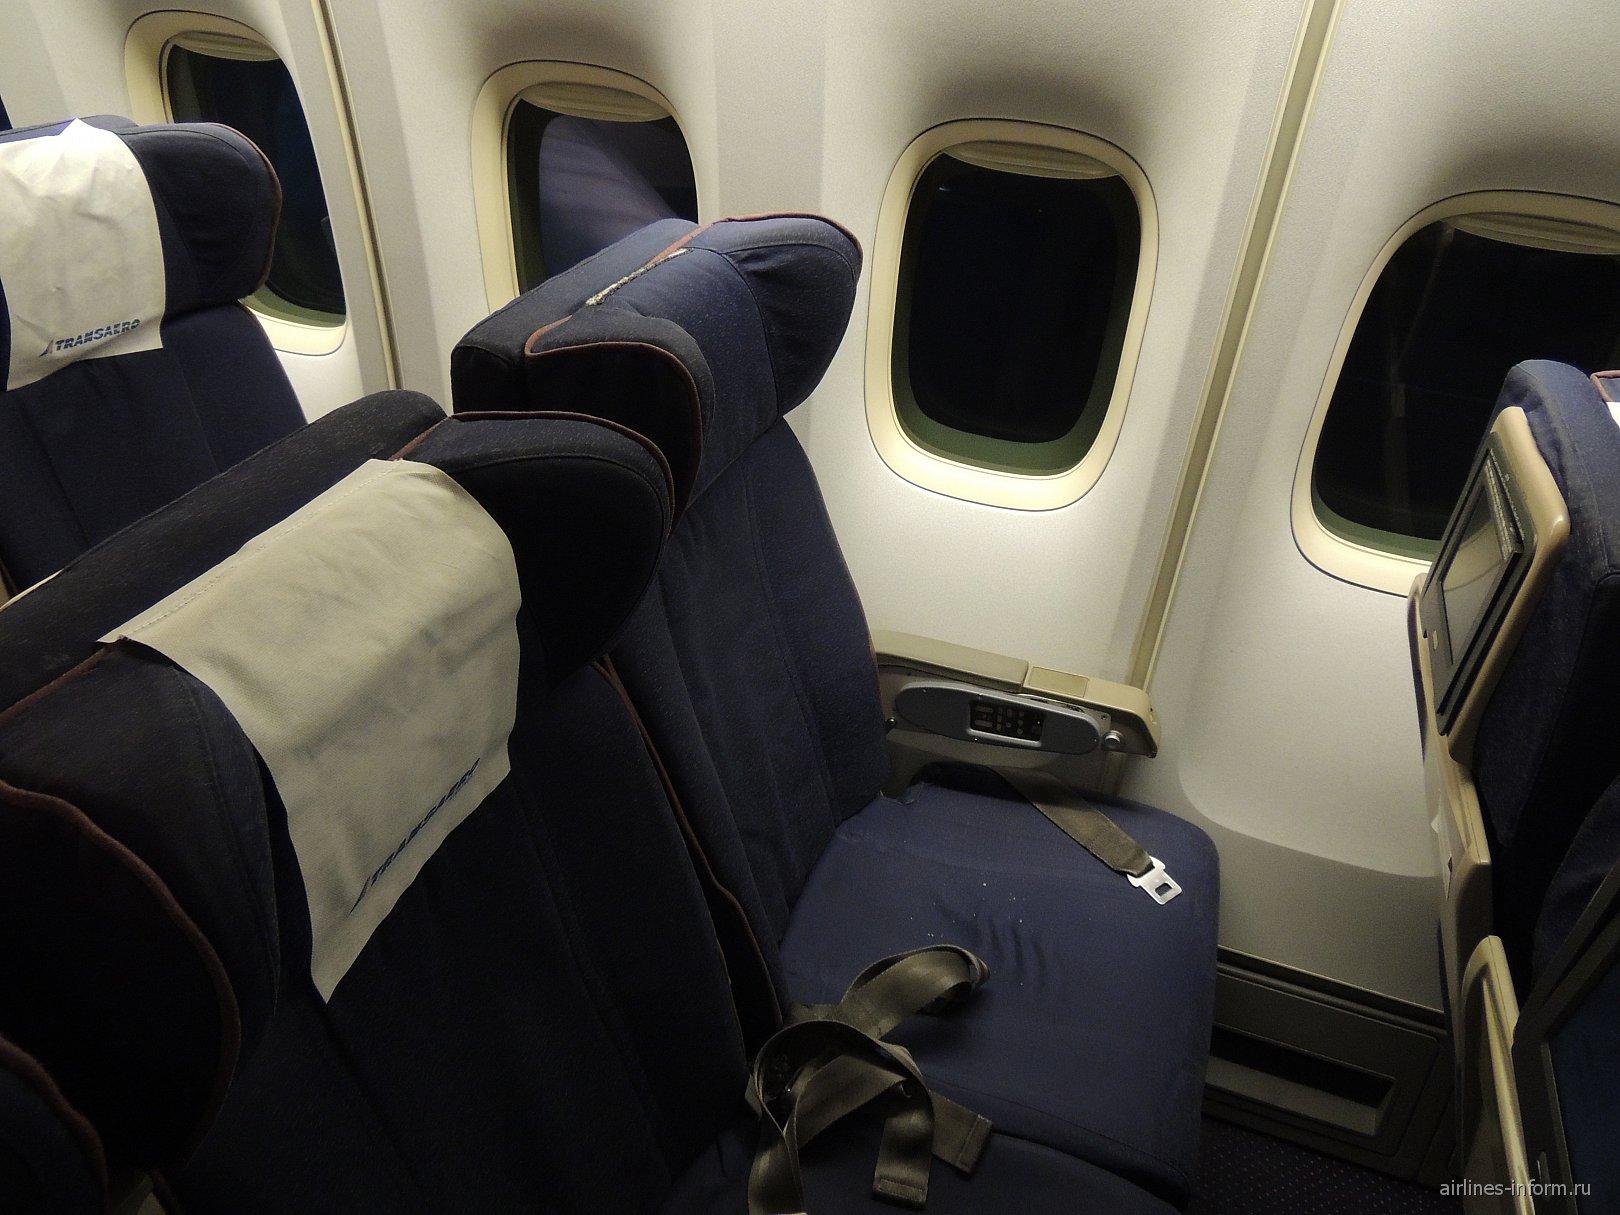 Пассажирские кресла в самолете Боинг-747-400 авиакомпании